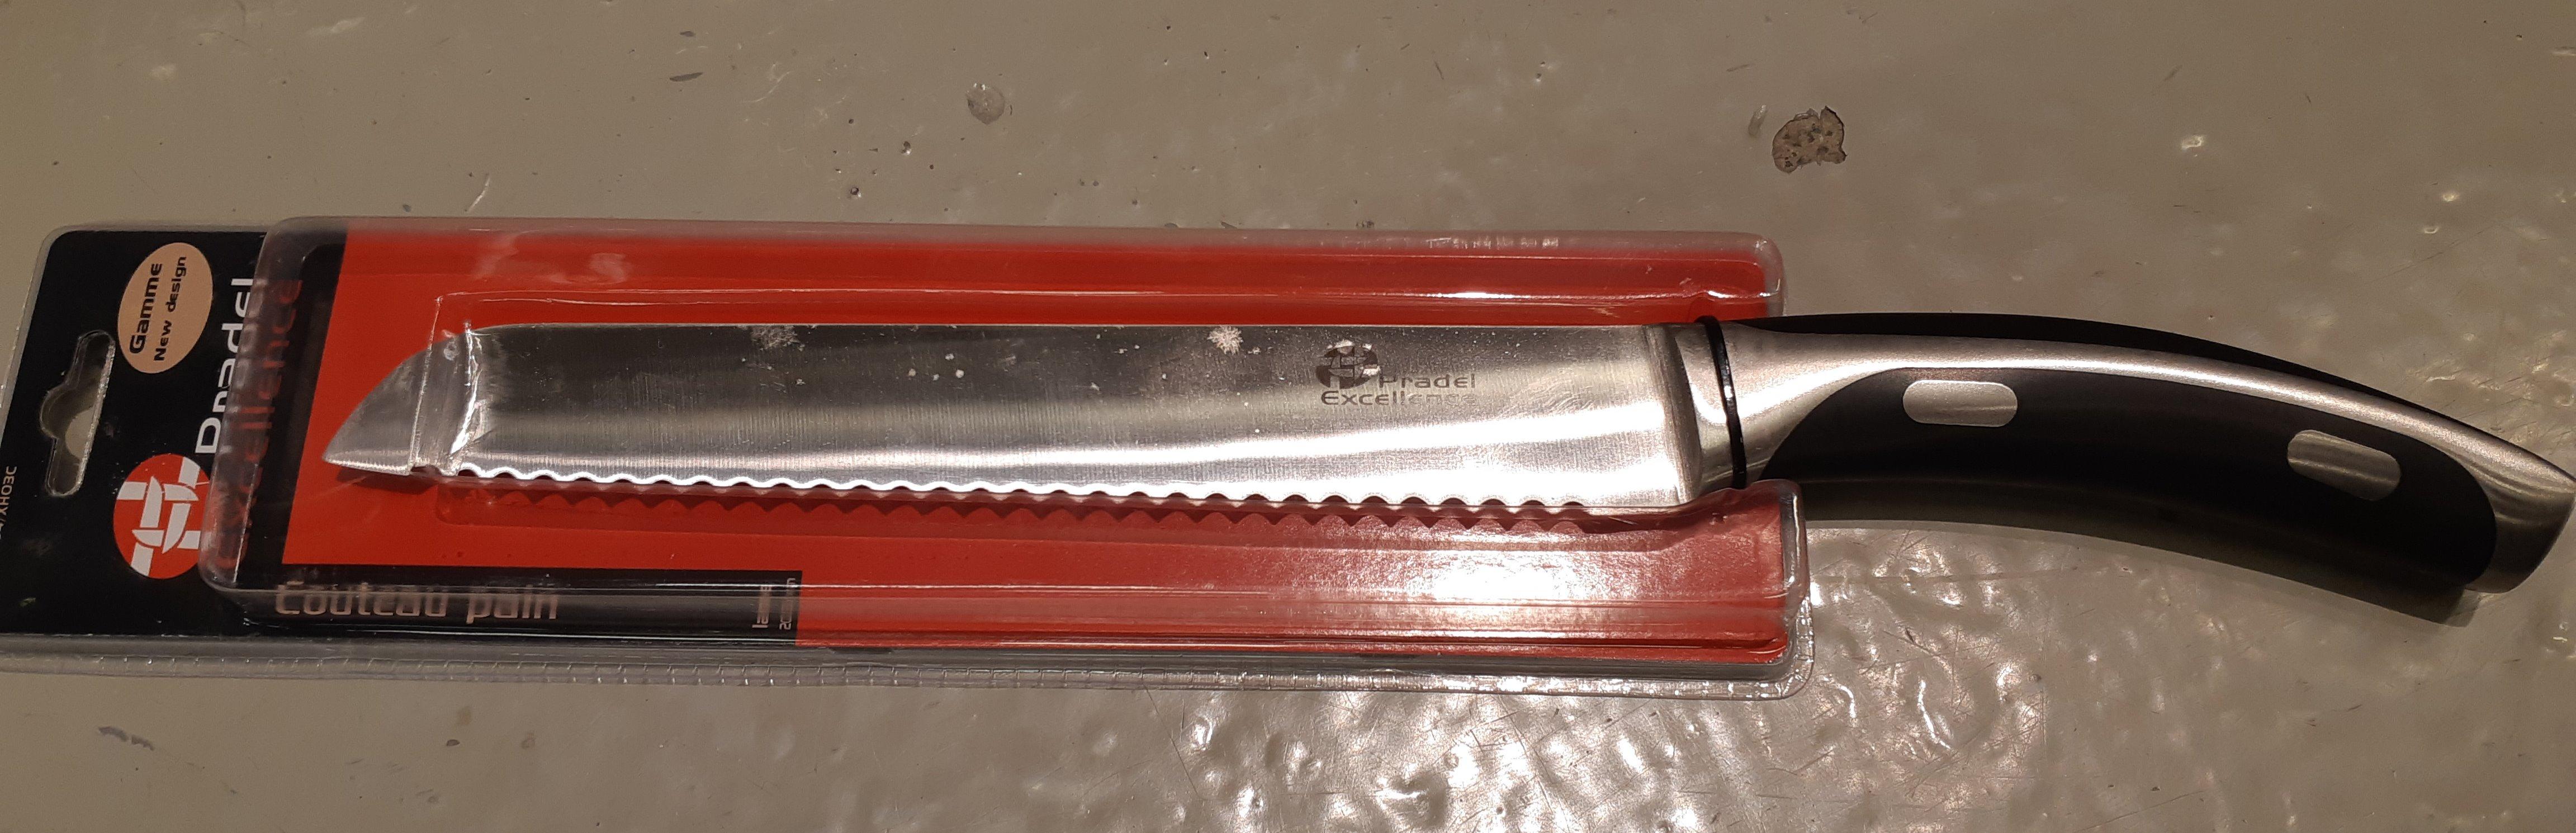 J'ai testé pour vous le couteau à pain Inox forge